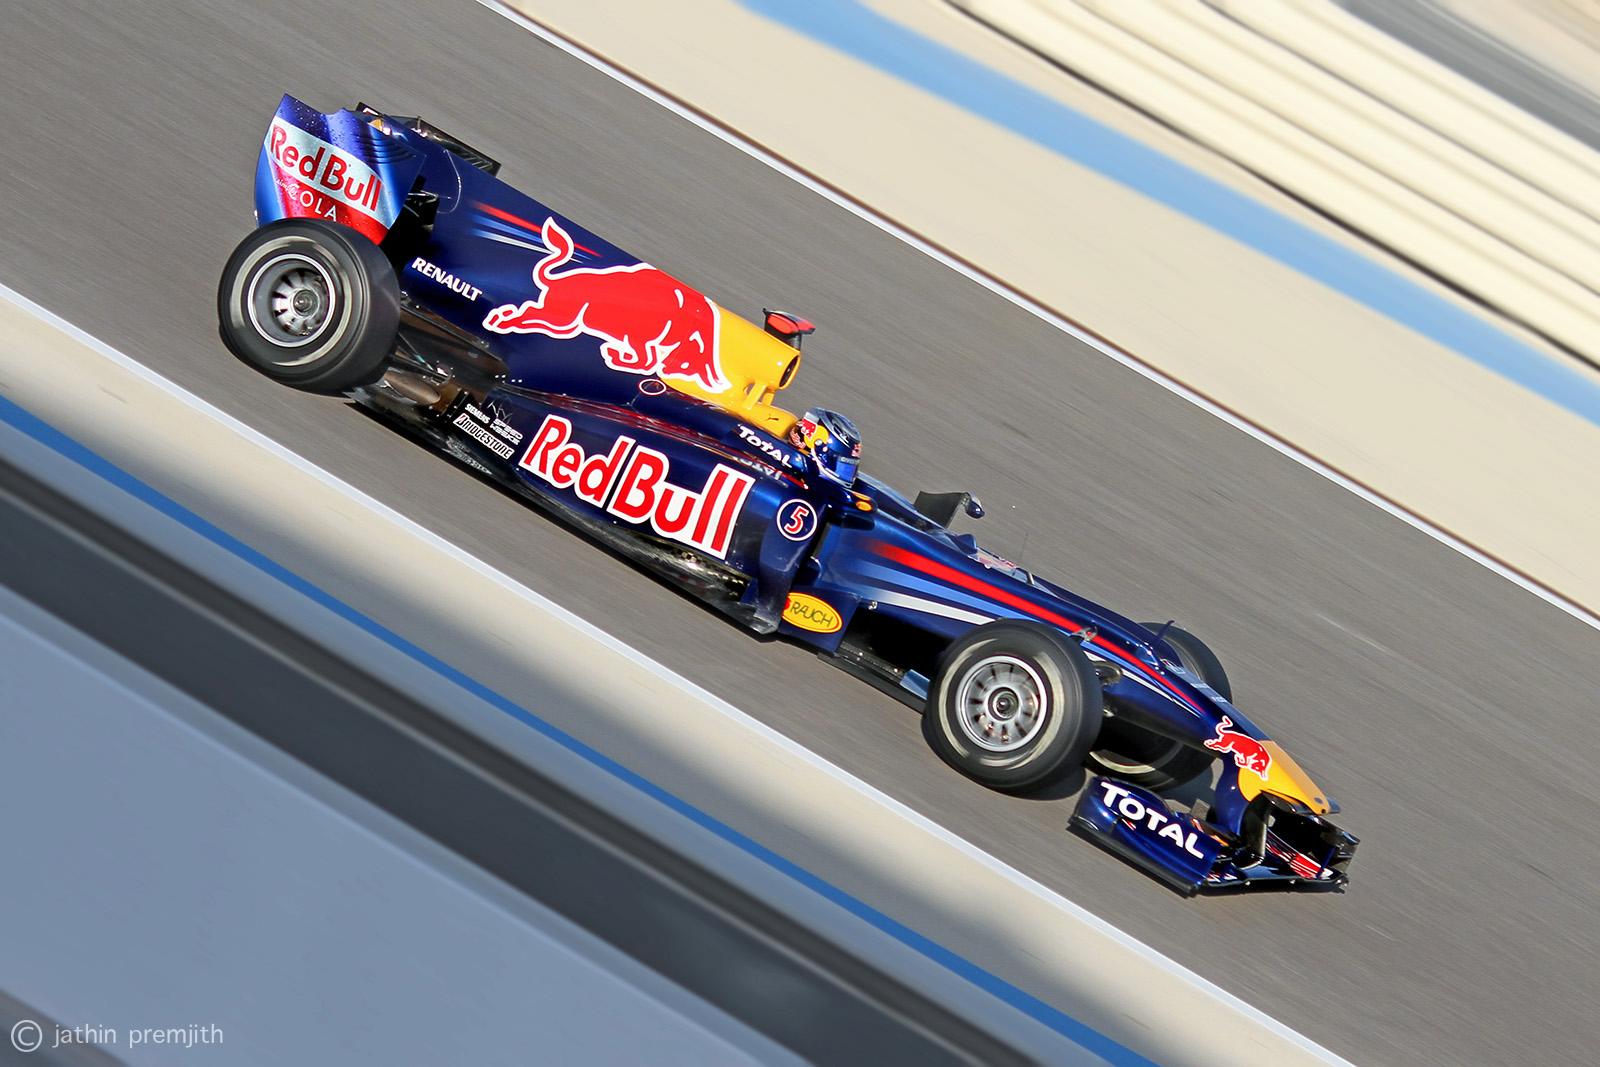 REDBULL - Sebastial Vettel